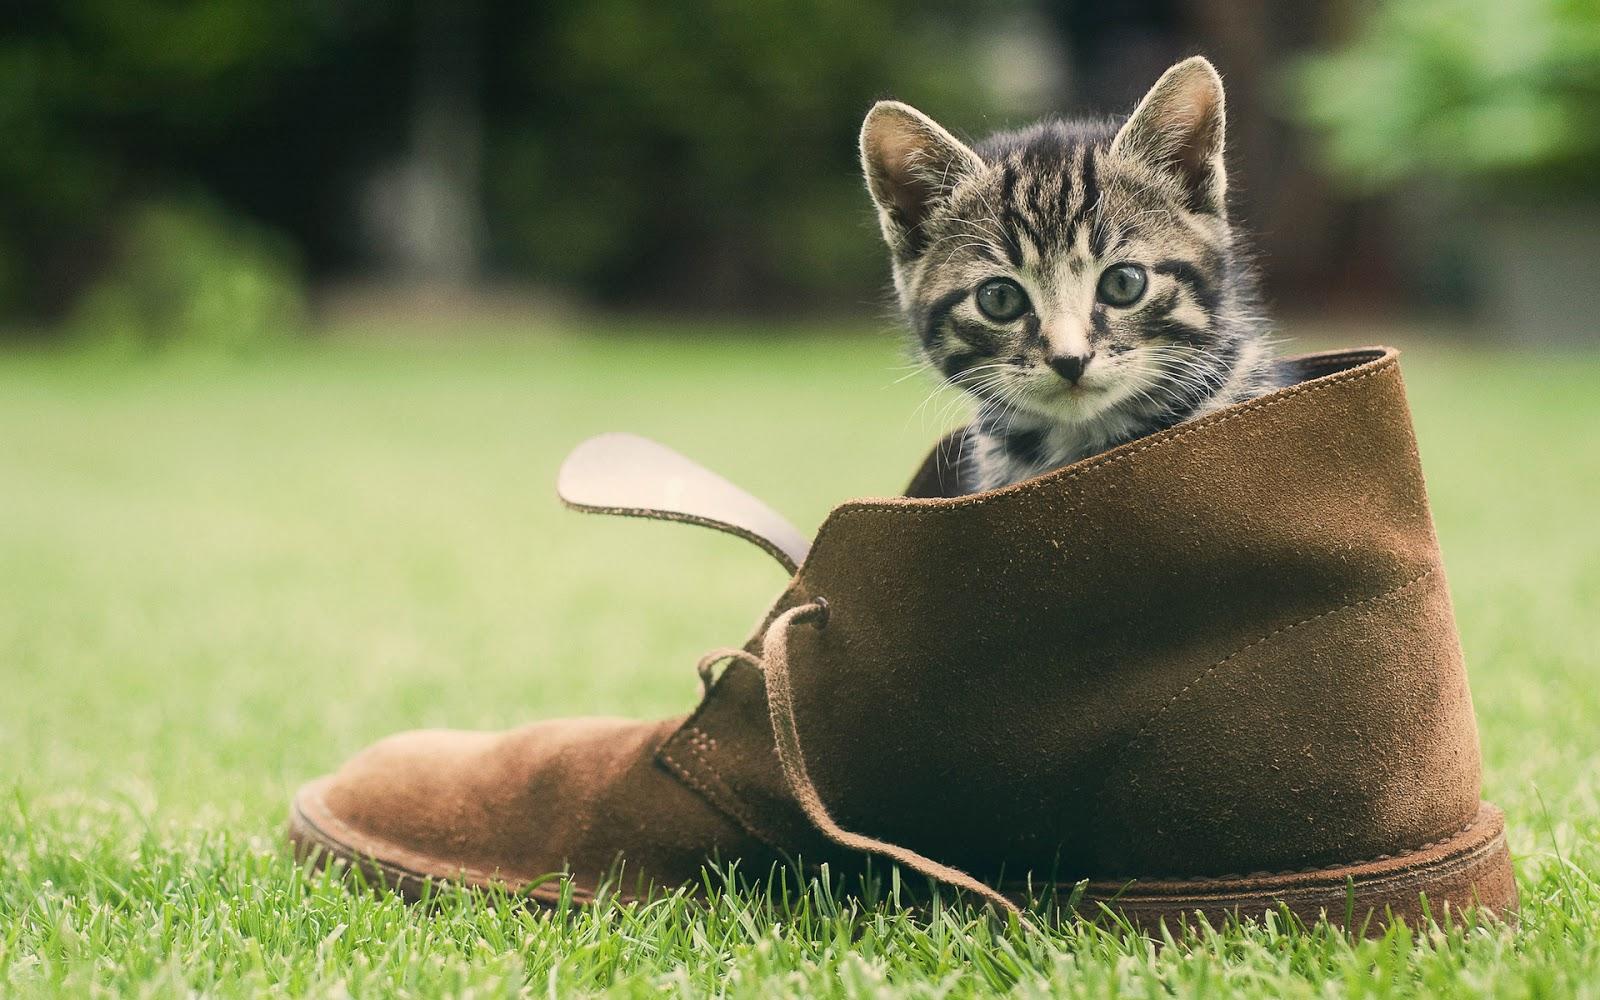 Gatito en una Bota wallpapers de gatos